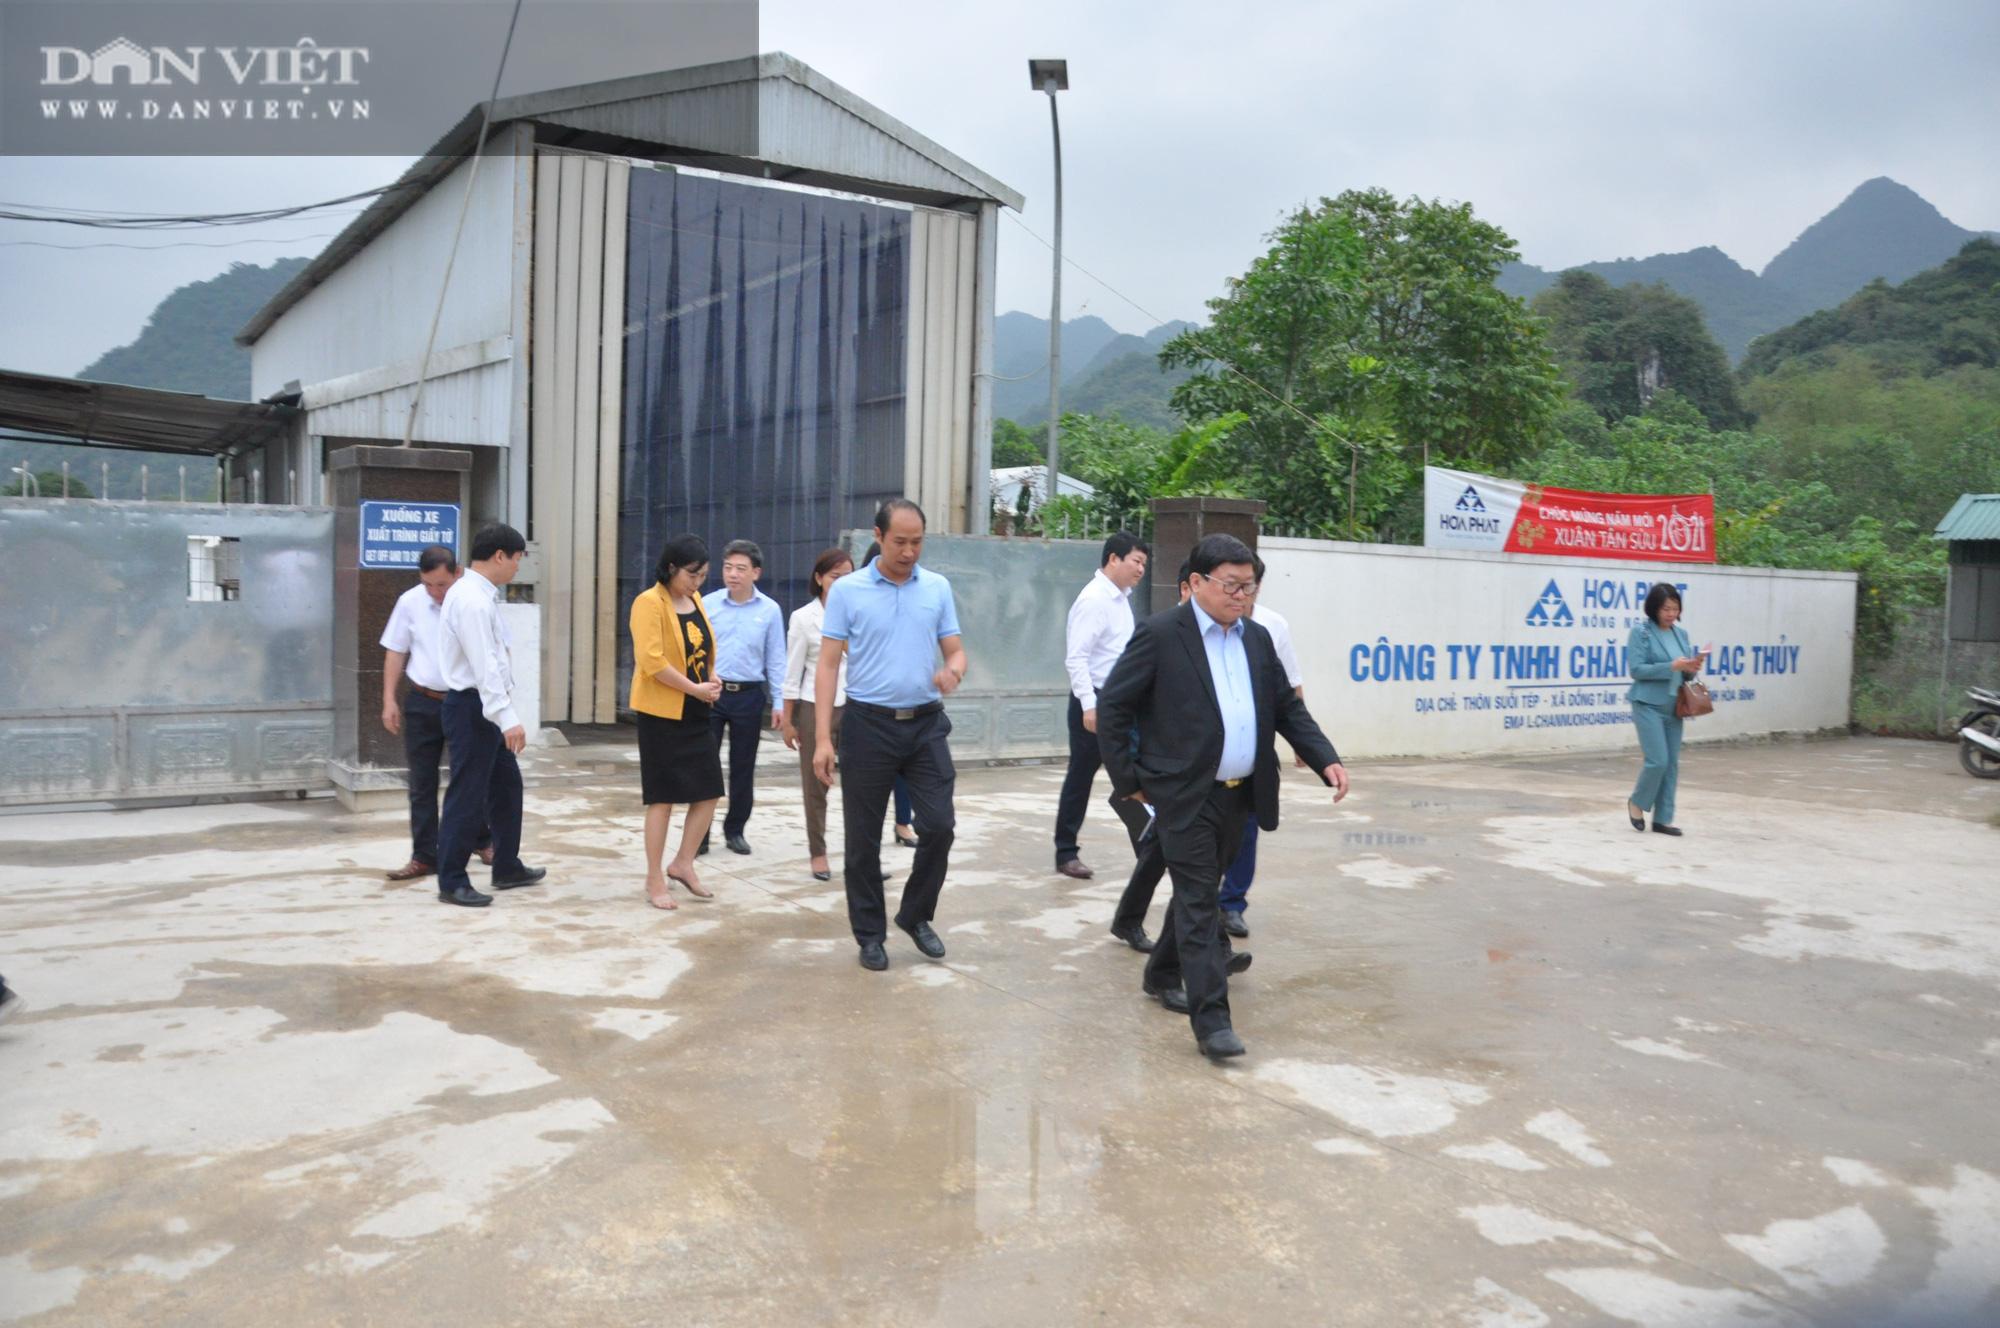 Chủ tịch Hội Nông dân Việt Nam vượt hàng đá thăm trang trại nuôi con đặc sản thu gần 7 tỷ đồng/năm ở Hòa Bình - Ảnh 8.